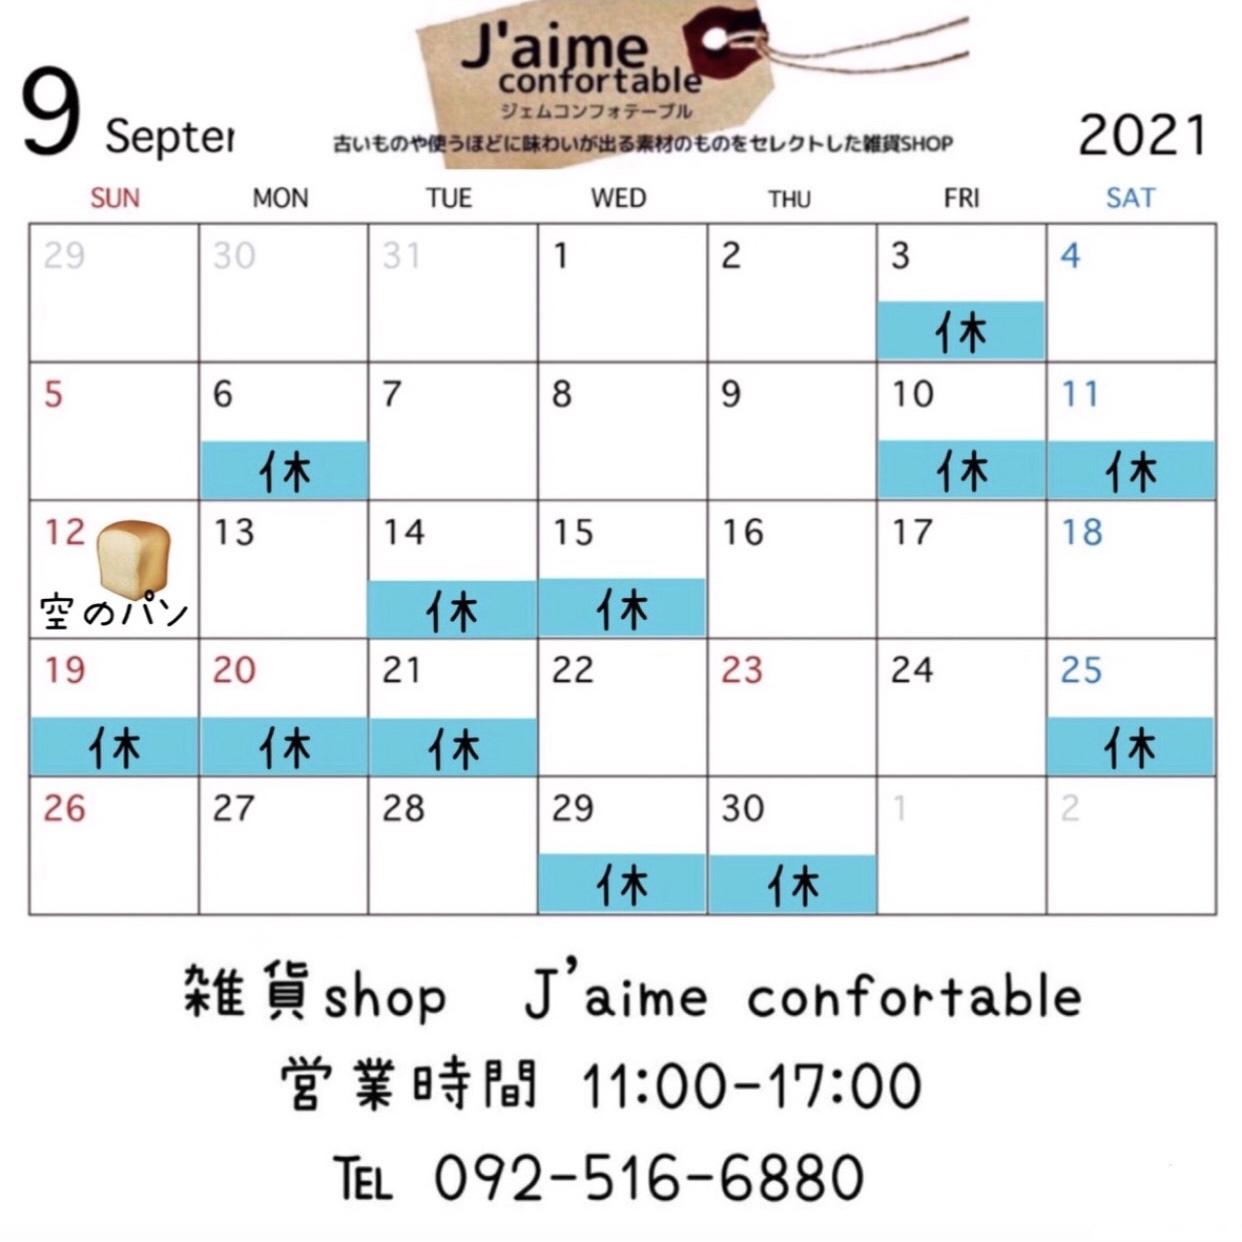 【2021】9月の営業日_f0103304_11274701.jpeg